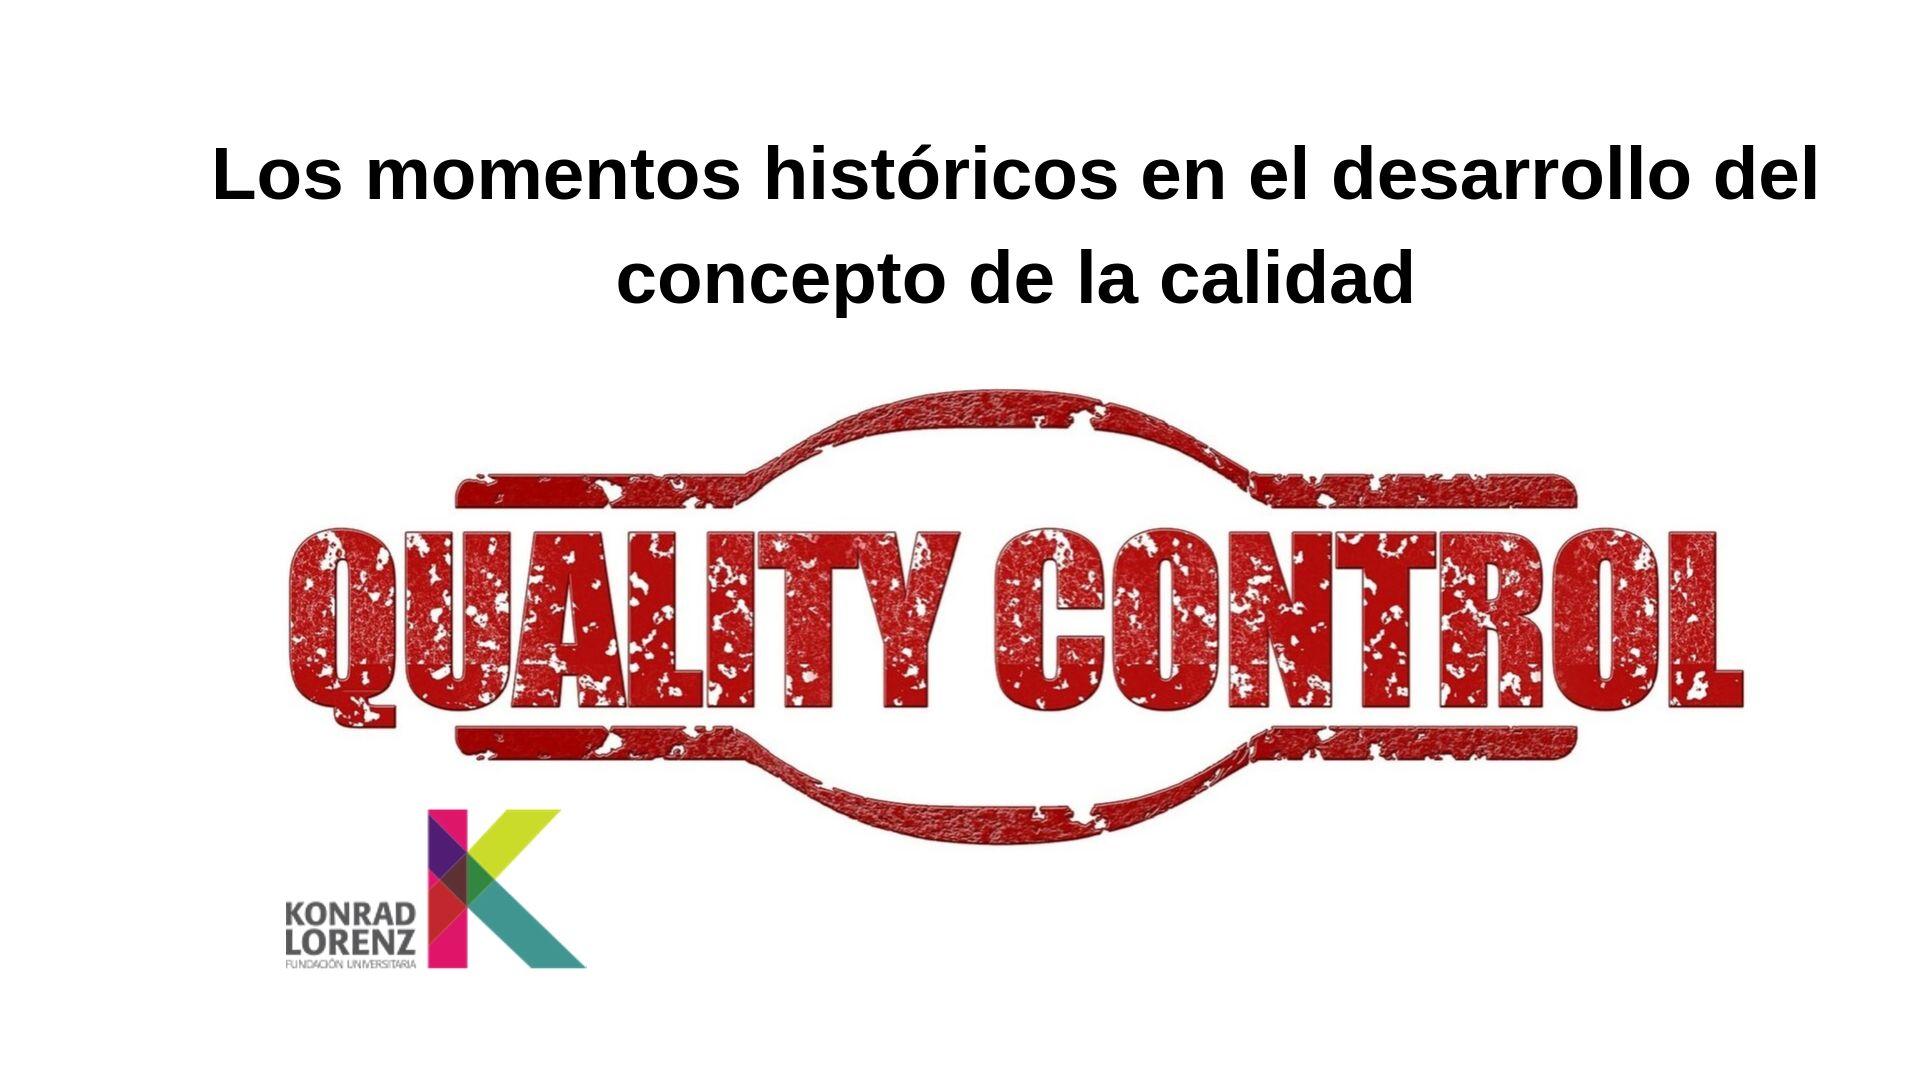 Los momentos históricos en el desarrollo del concepto de la calidad